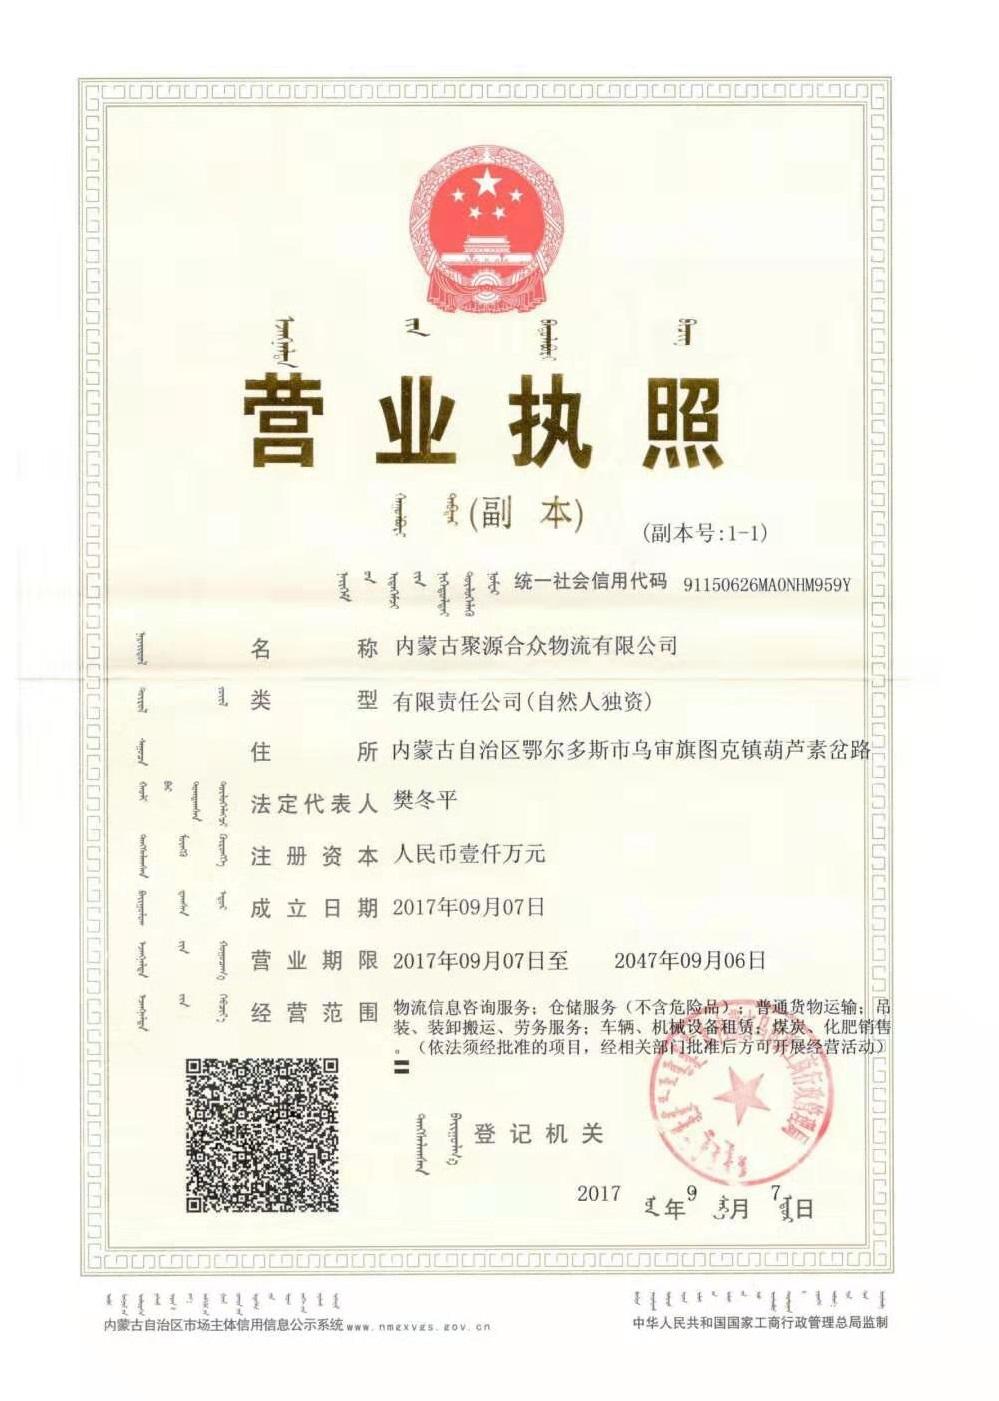 内蒙古聚源合众物流有限公司营业执照